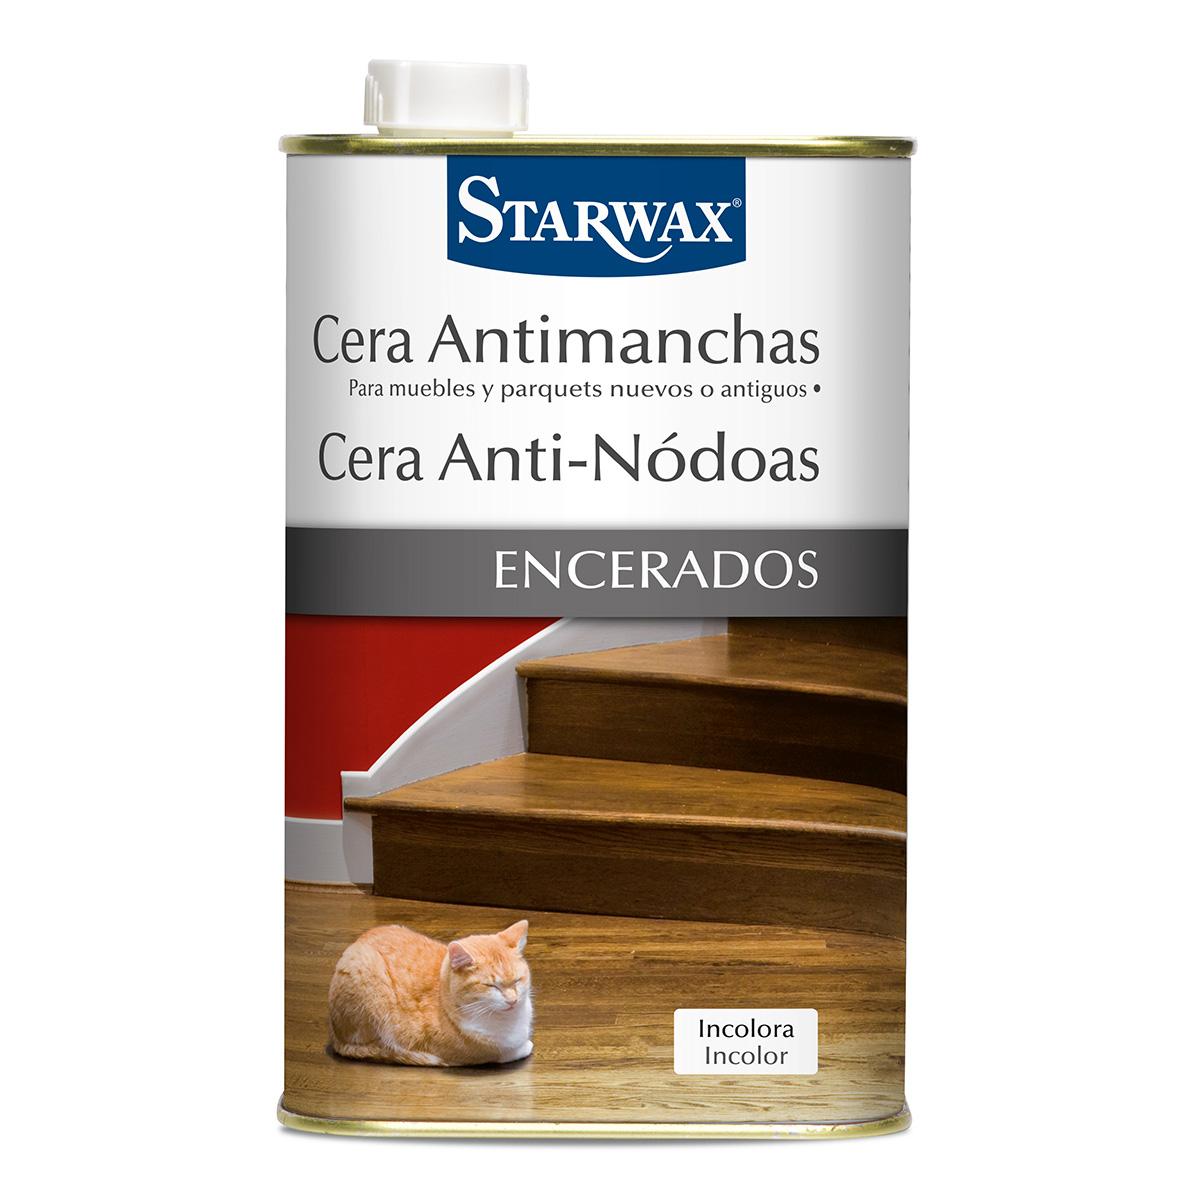 Cera antimanchas muebles, parquets - Starwax